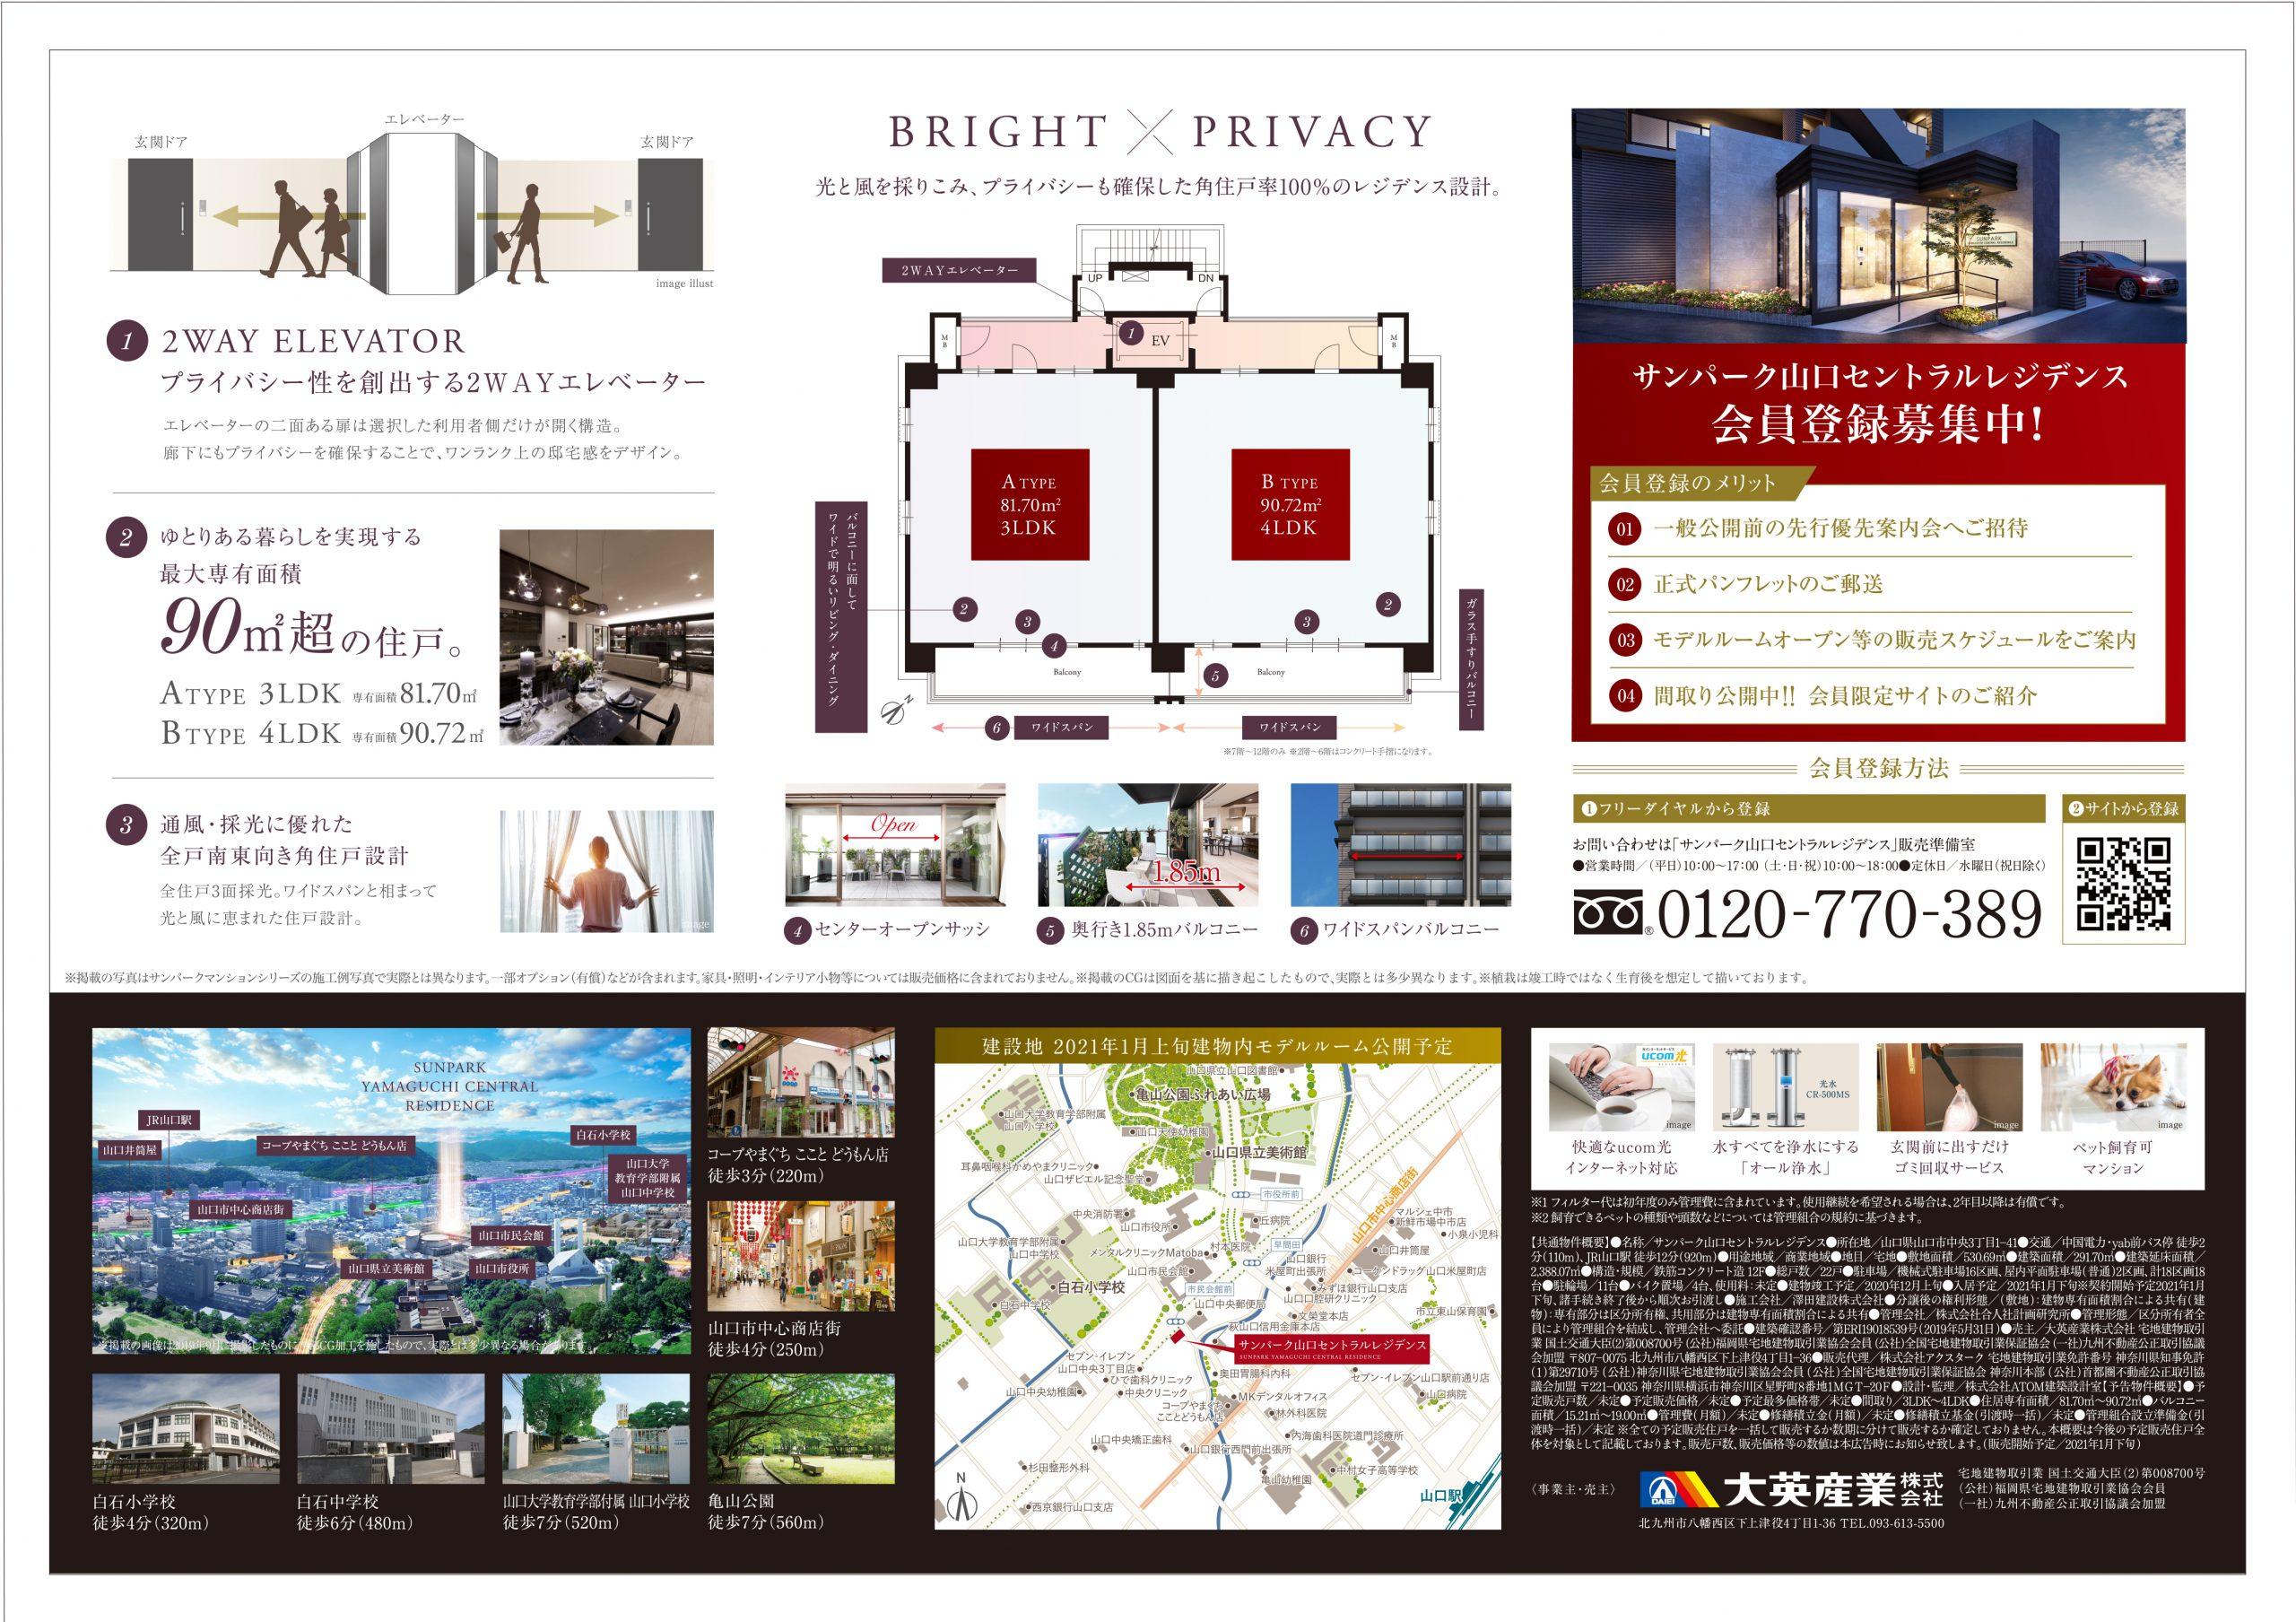 【山口セントラルレジデンス】建物内モデルルーム公開予定